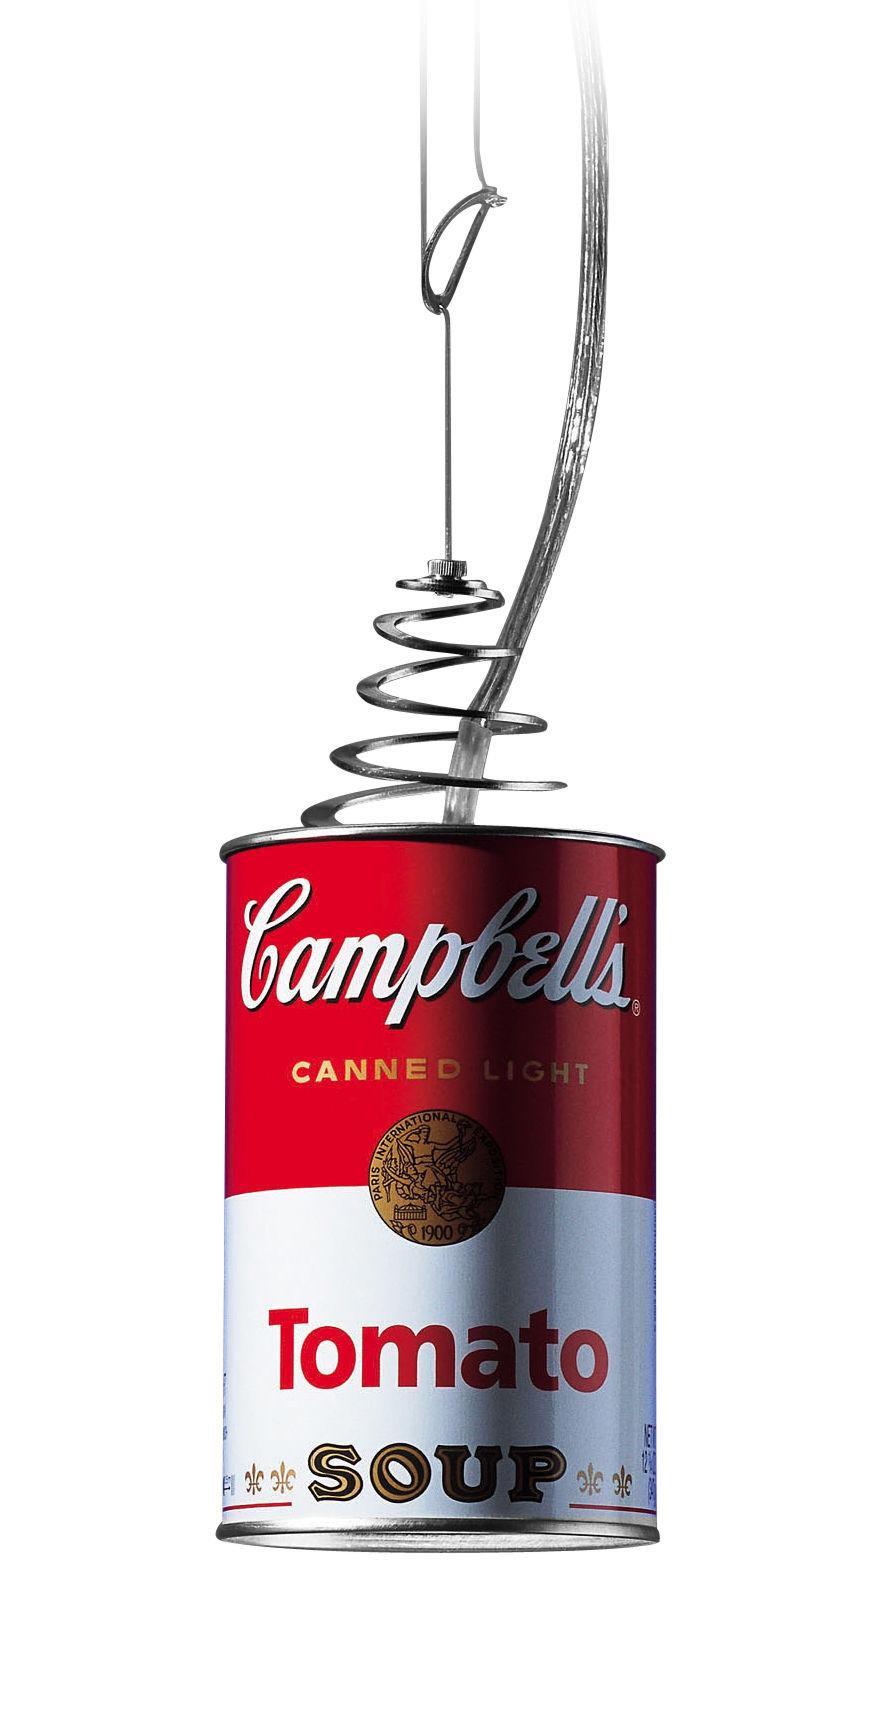 Lighting - Pendant Lighting - Canned Light Pendant by Ingo Maurer - Red & white - Aluminium